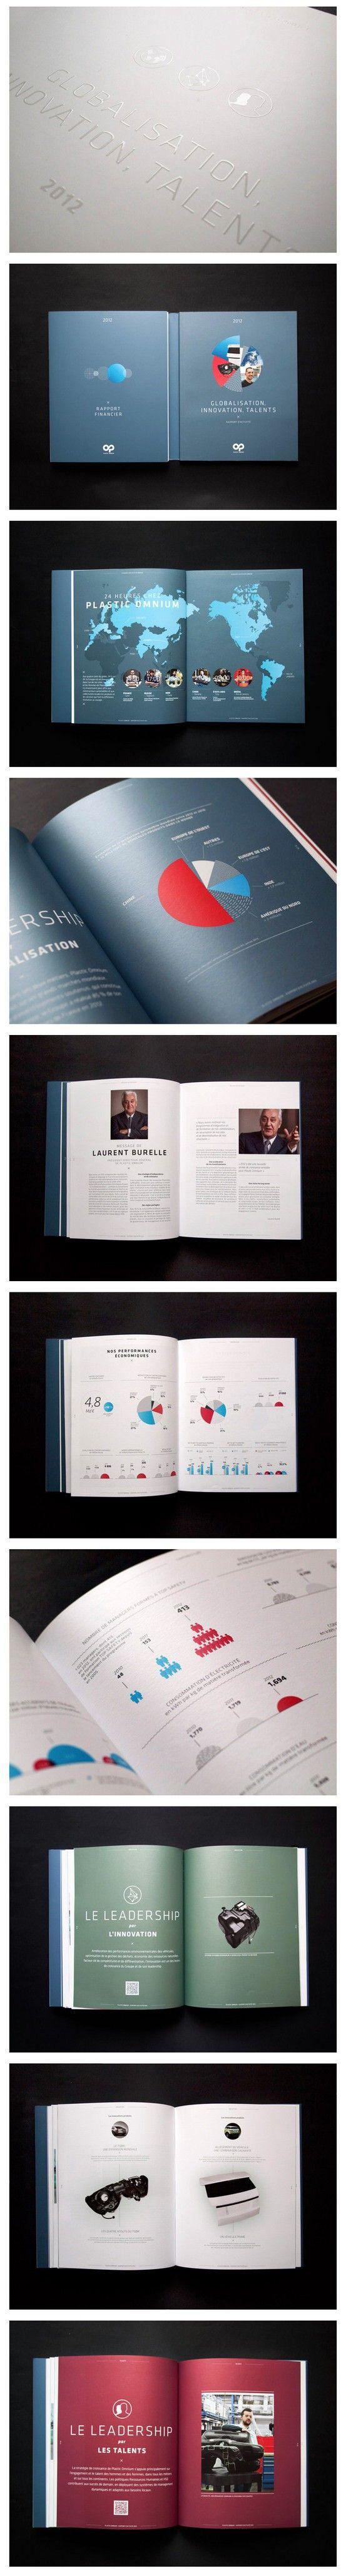 Plastic Omnium Annual Report 2012 on Behance - Gevalletje, maak je jaarrapport wat sprankelender, kleurrijker en origineler.